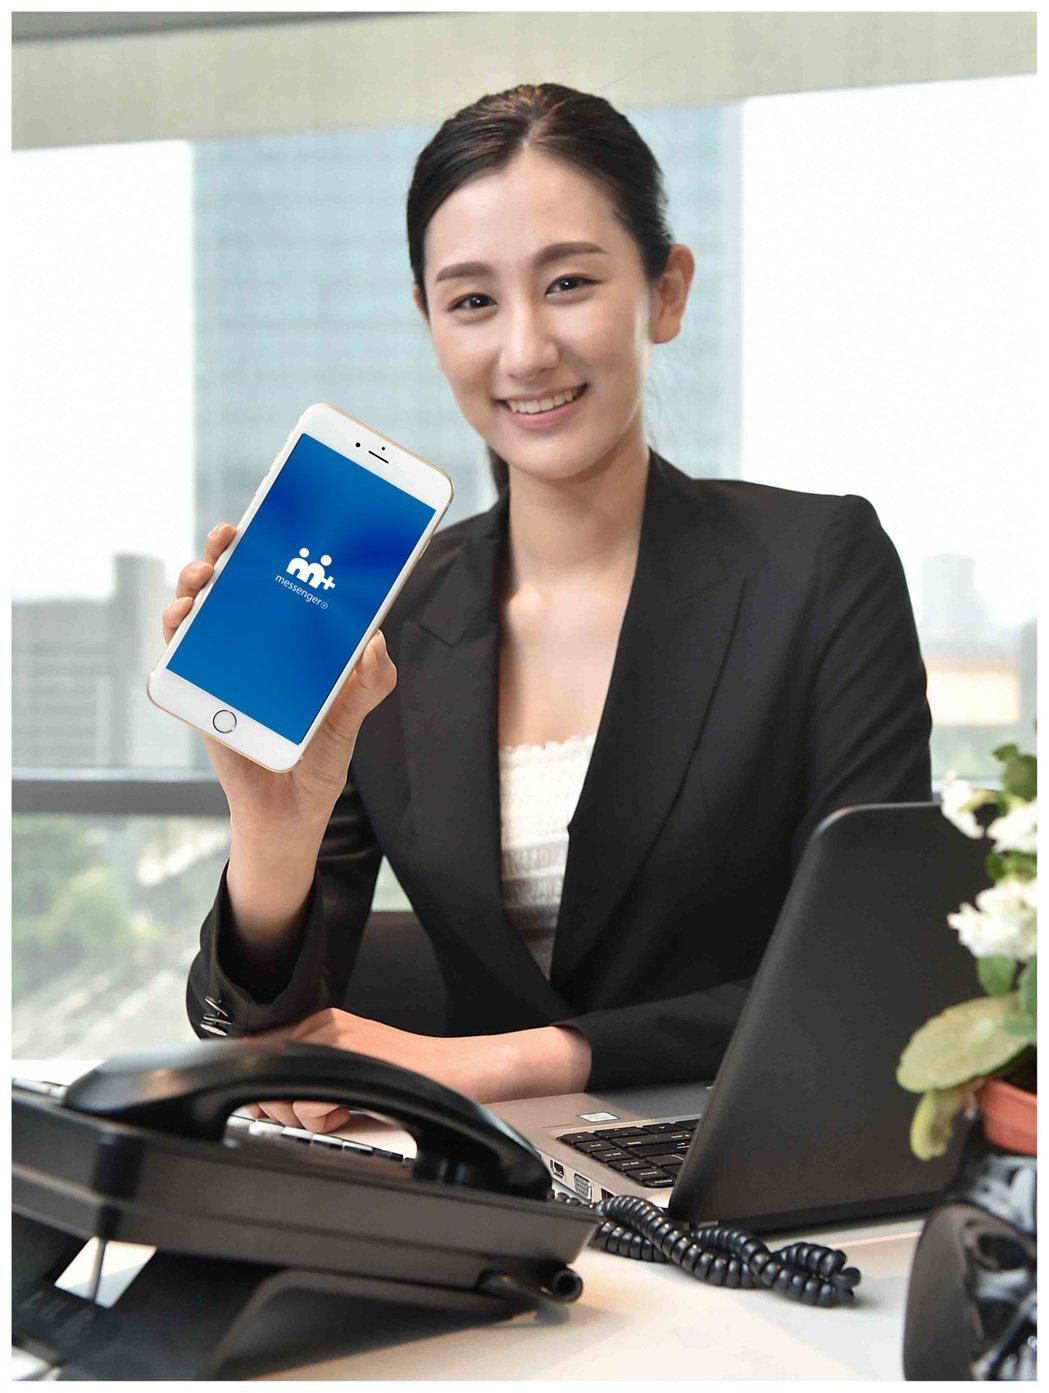 台灣大通訊軟體M+ 跨足粉絲經營市場,全新推出「M+服務圈」,獨家VIP專屬、粉...